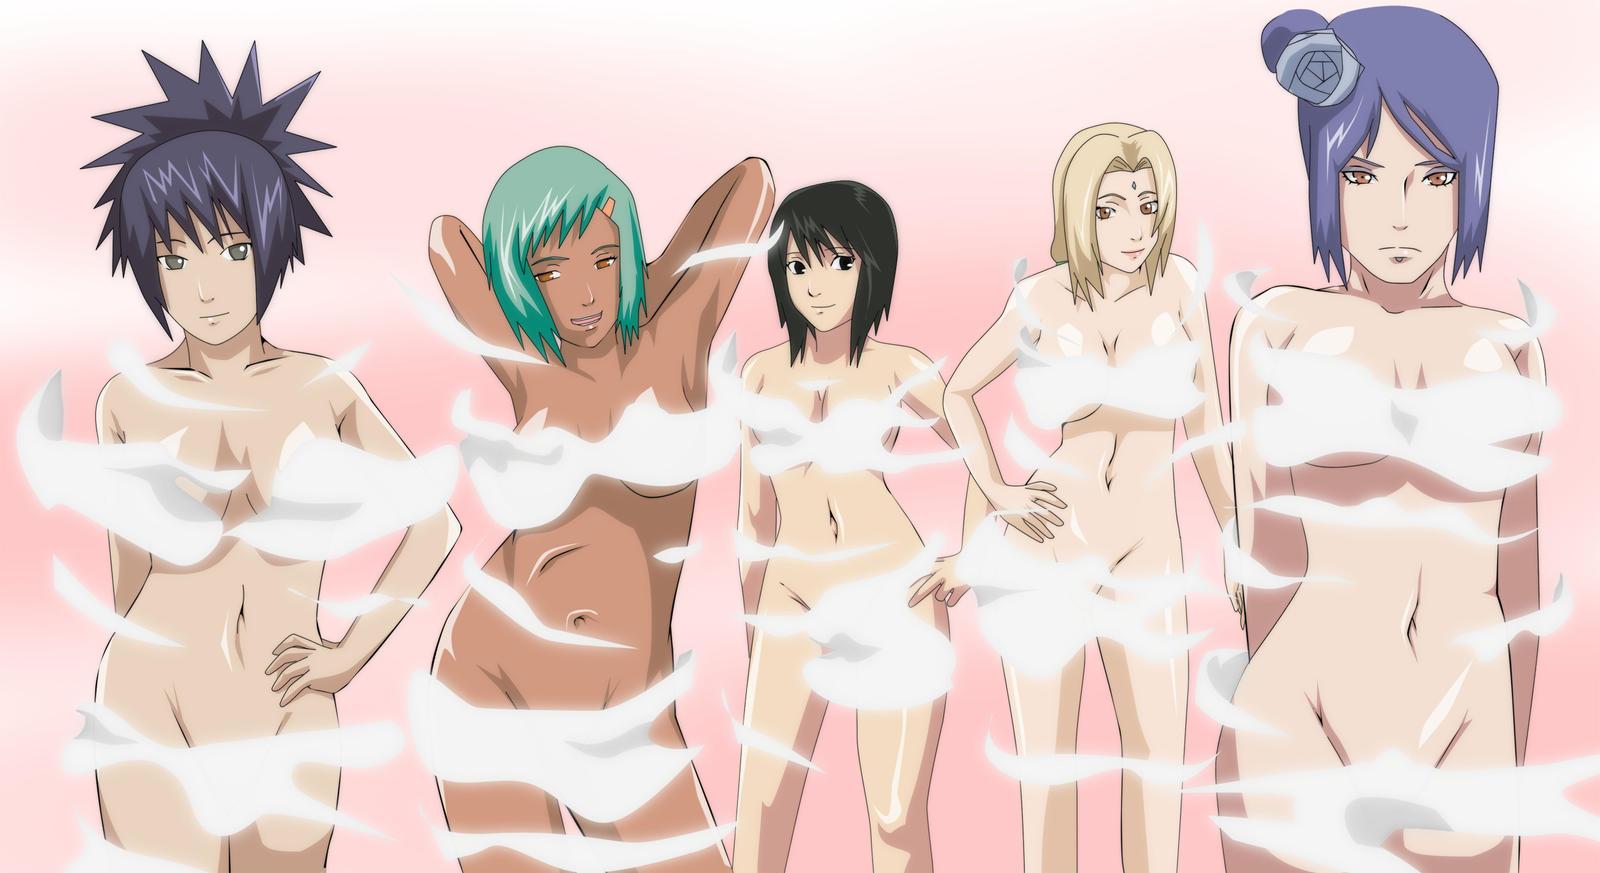 girls-porn-naruto-sexy-jutsu-naked-girls